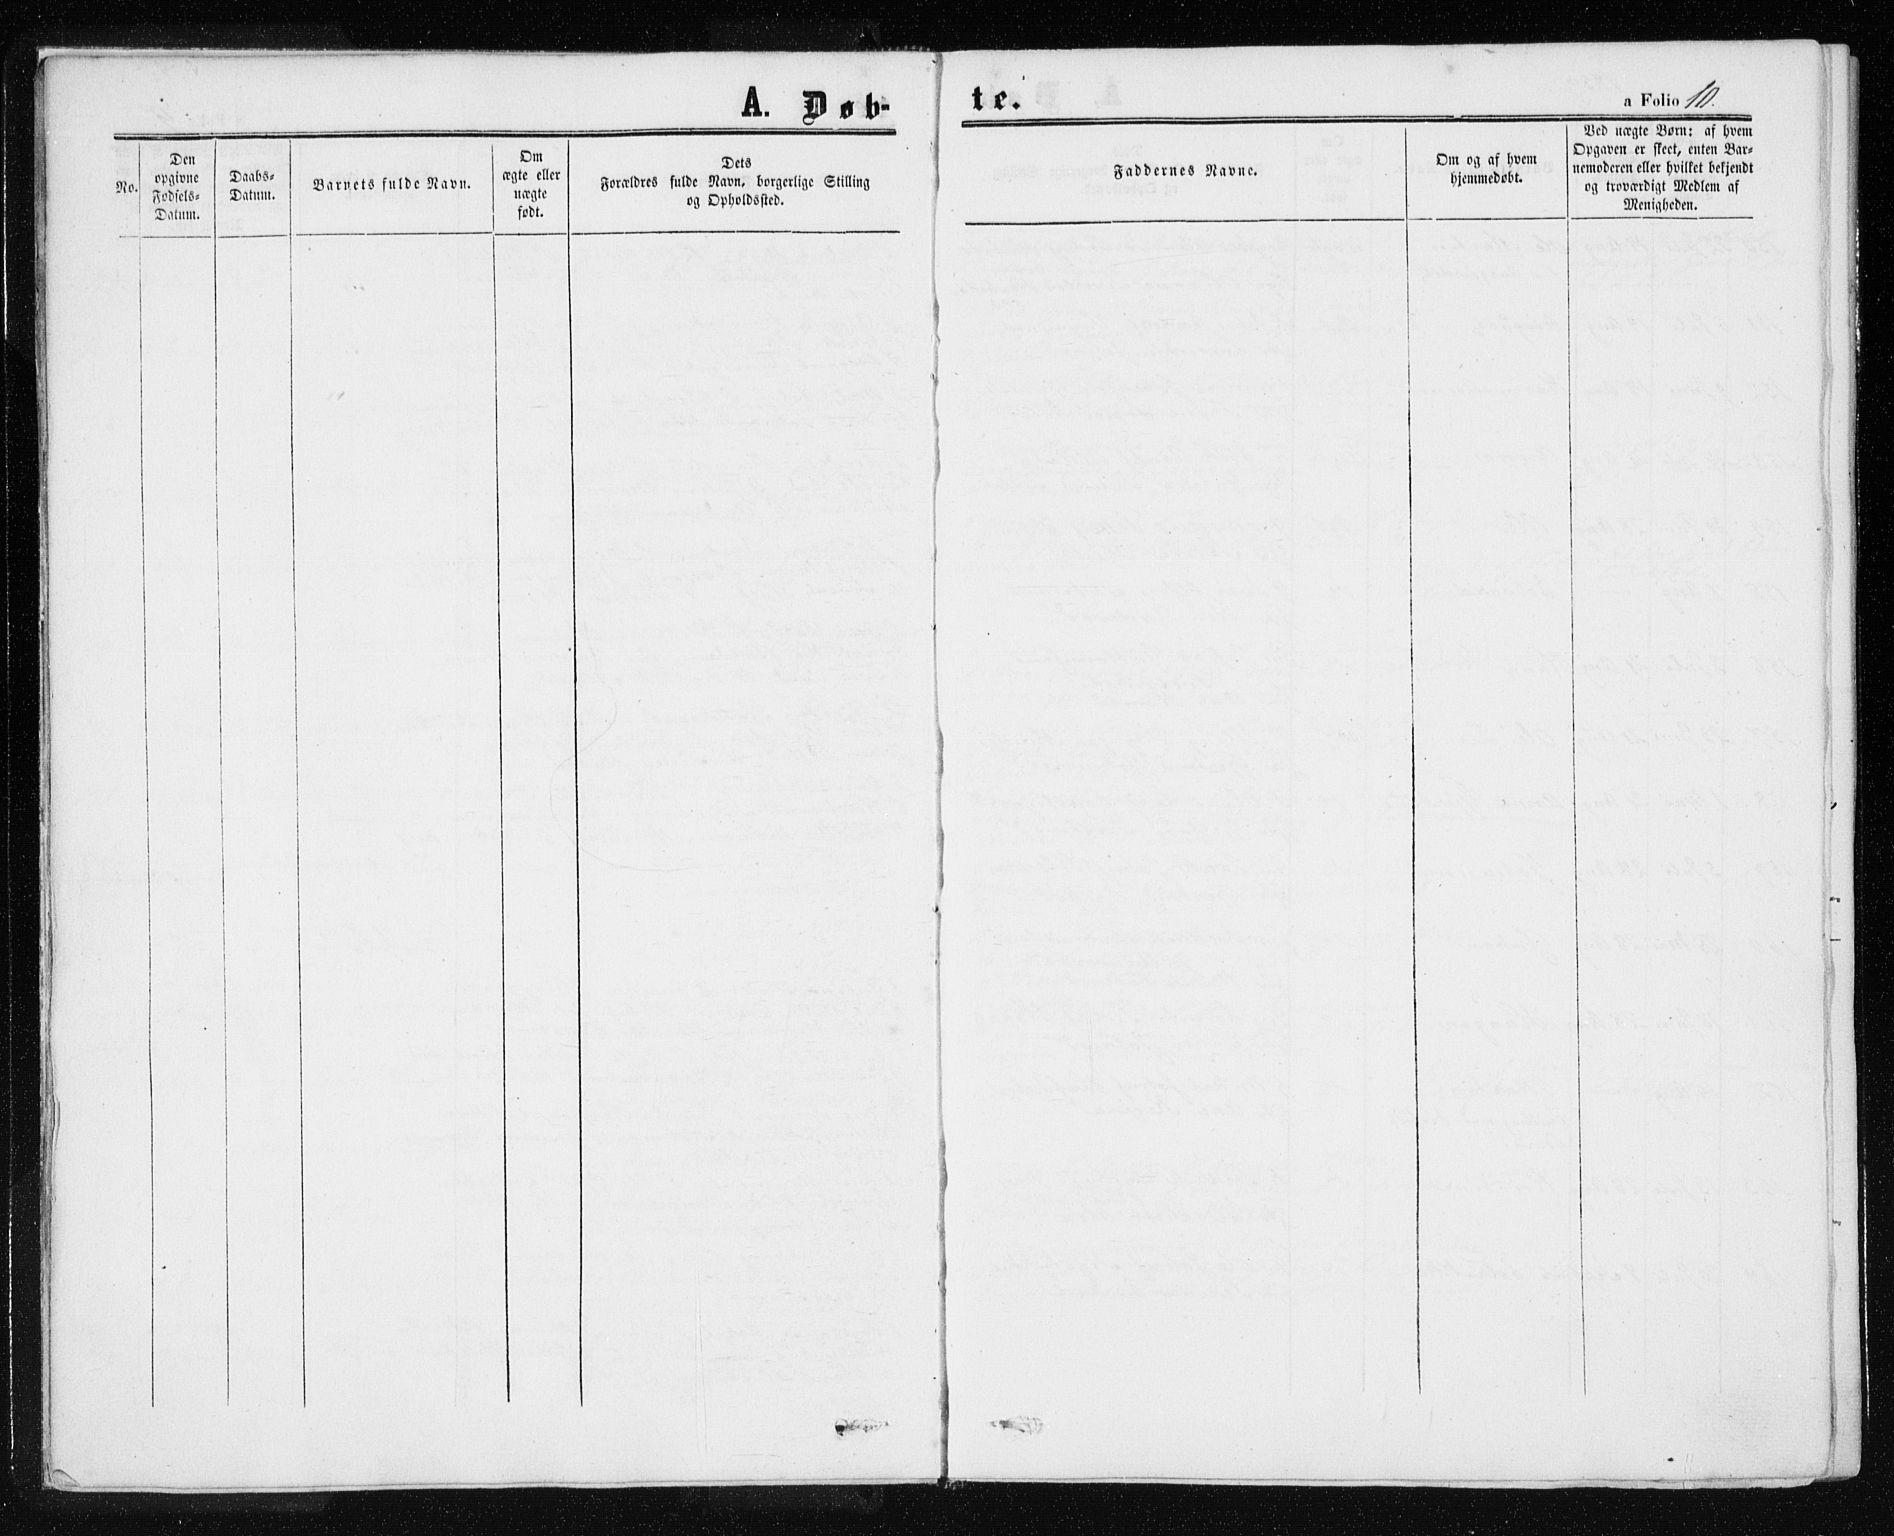 SAT, Ministerialprotokoller, klokkerbøker og fødselsregistre - Nord-Trøndelag, 709/L0075: Ministerialbok nr. 709A15, 1859-1870, s. 10